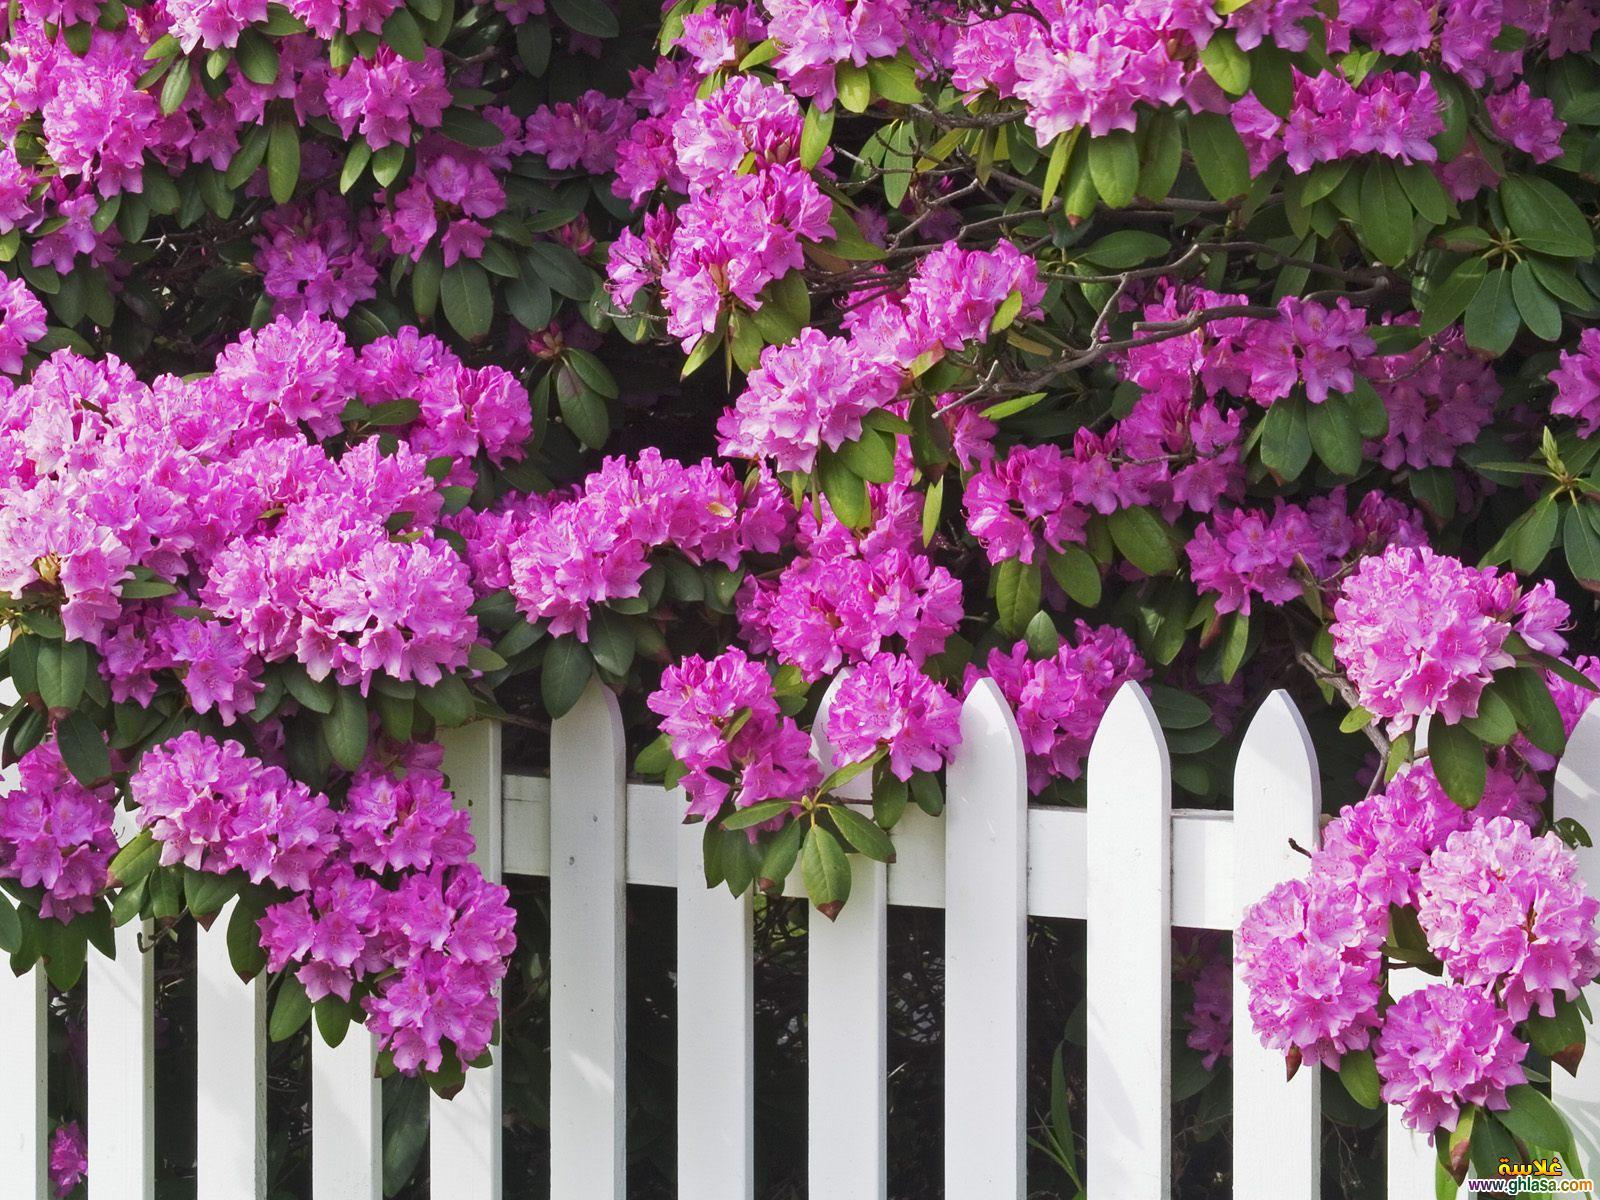 صوره خلفيات لاب توب ورود , صور متميزة لزهور مذهلة